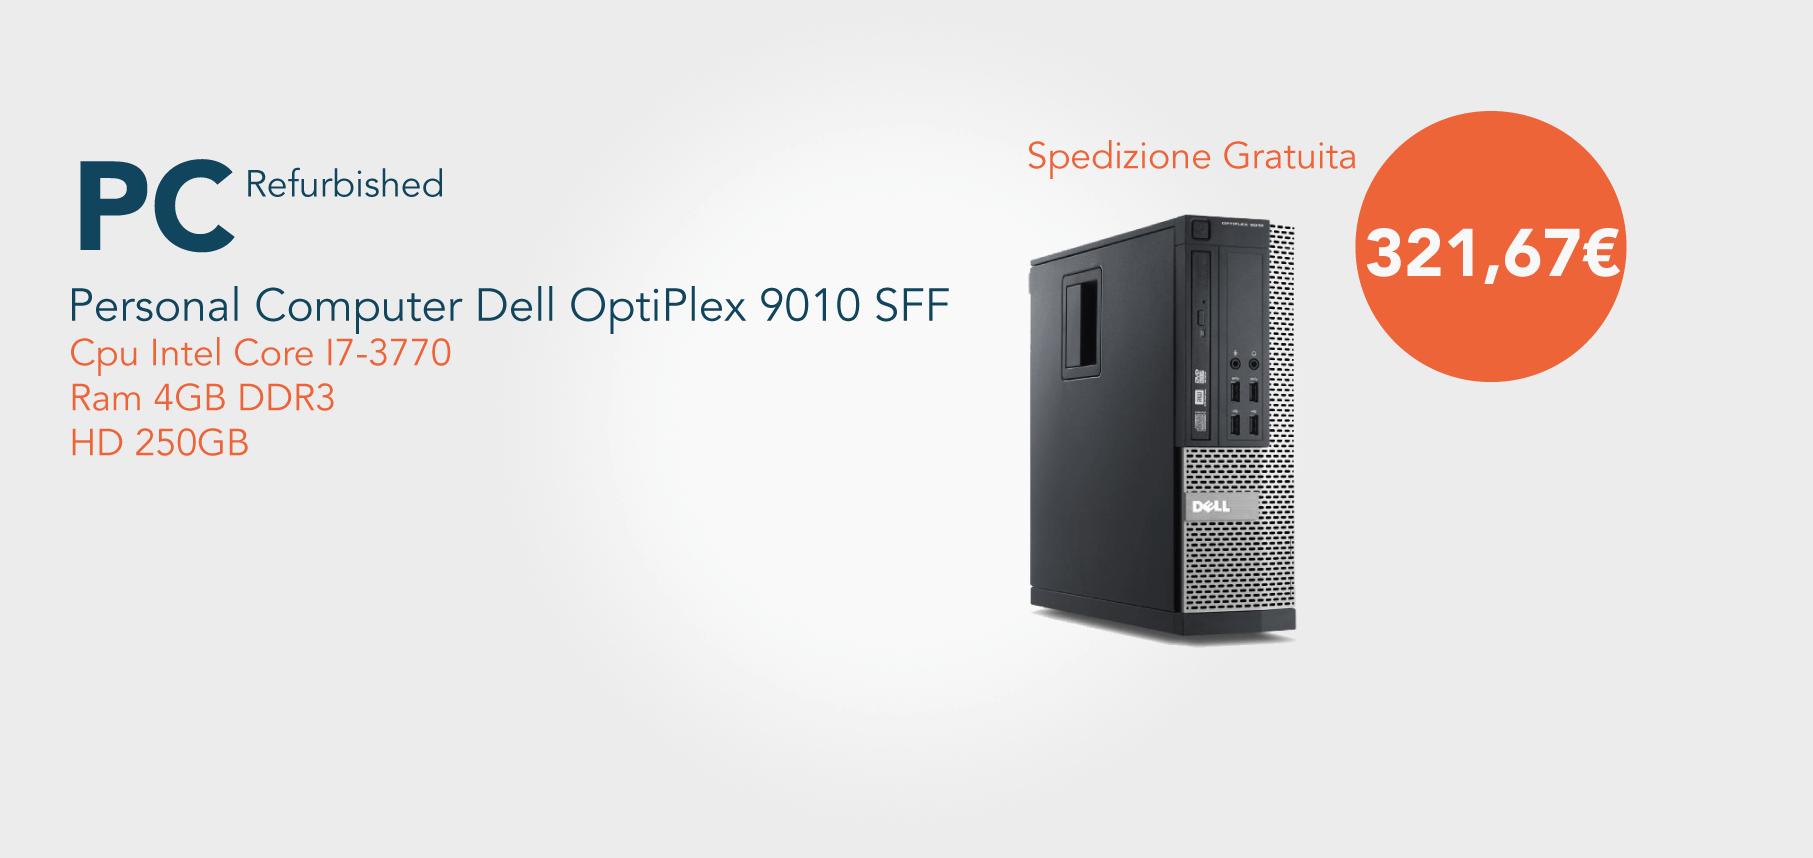 PC OPTIPLEX 9010 SFF INTEL CORE I7-3770 4GB 250GB WIN10 - RICONDIZIONATO - GAR. 12 MESI